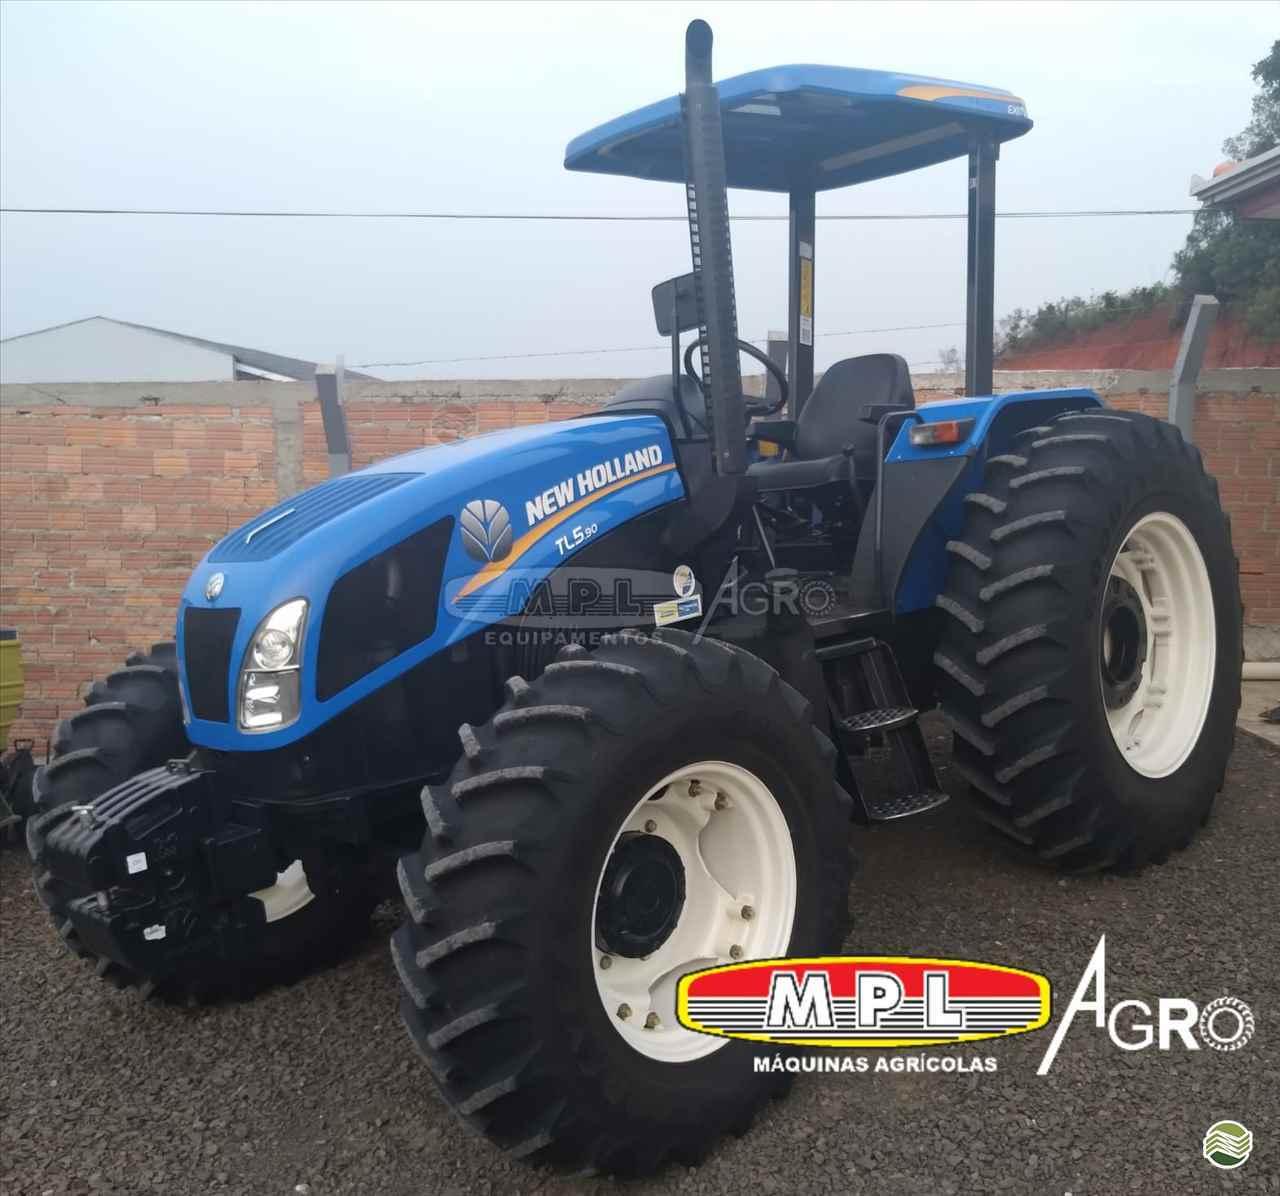 TRATOR NEW HOLLAND NEW TL5.90 Tração 4x4 MPL Agro - Máquinas Agrícolas IRATI PARANÁ PR